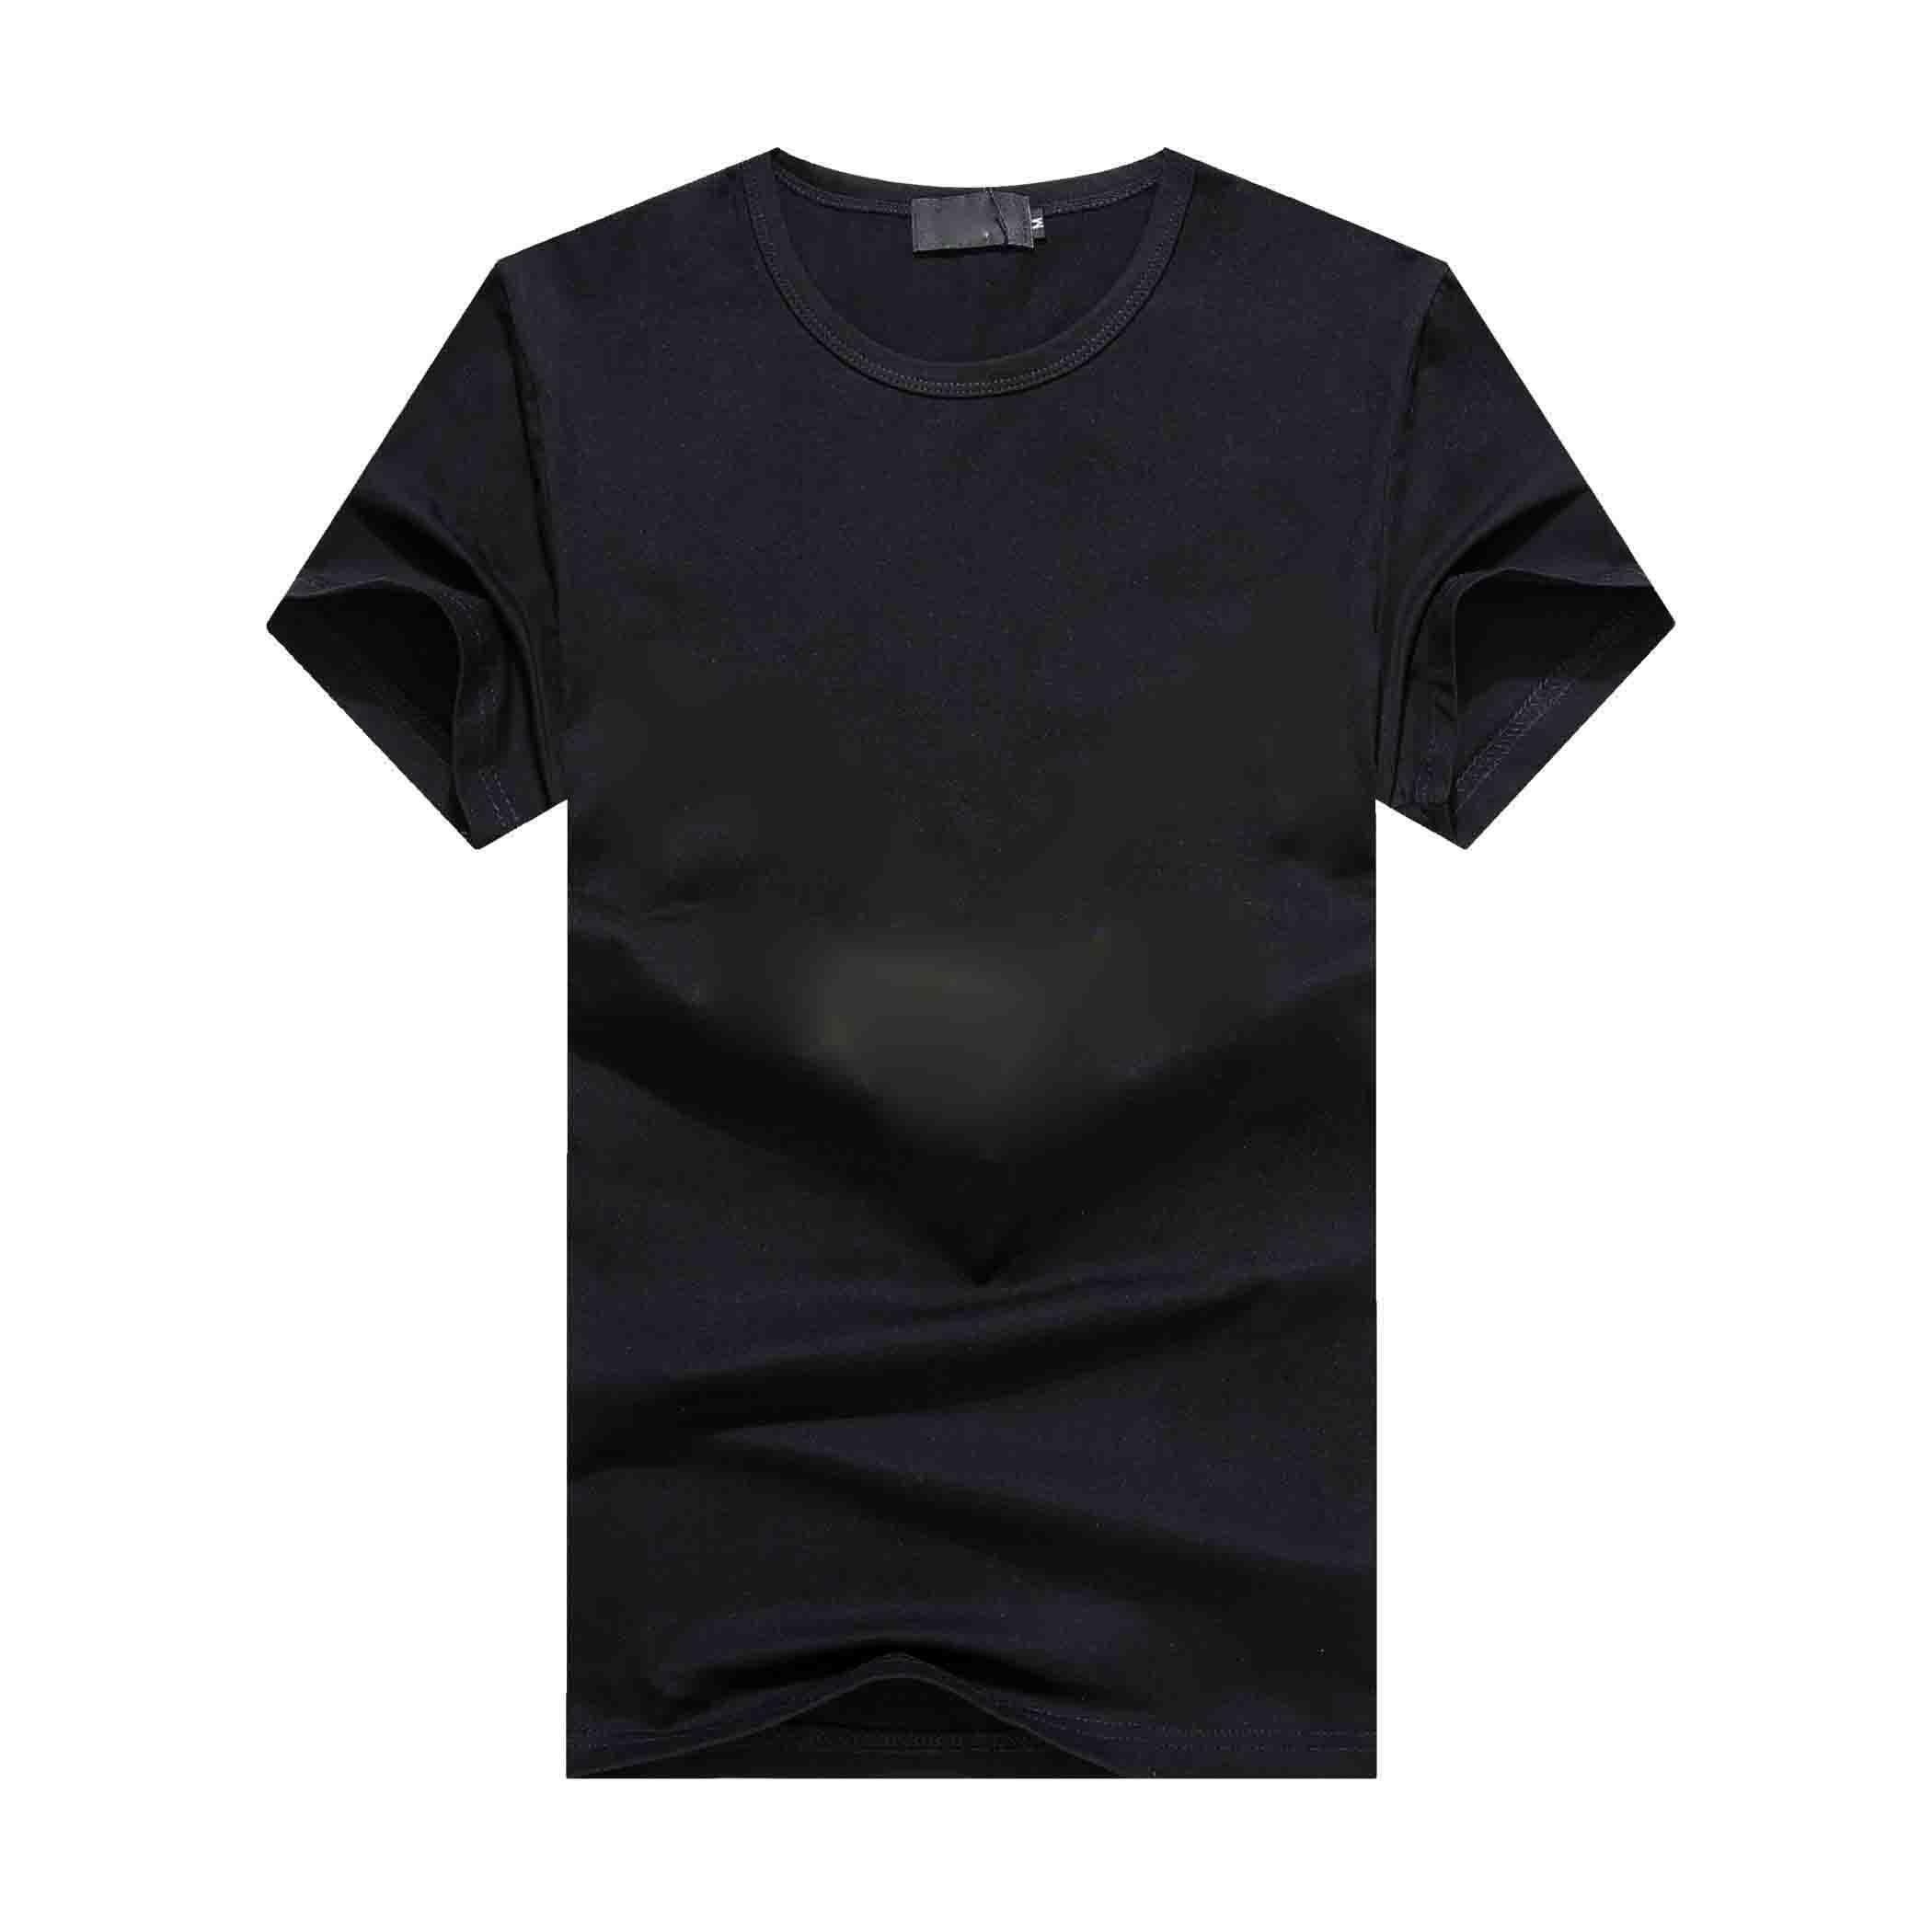 Yaz Moda Avrupa İtalya Fransa Yüksek Kaliteli T-Shirt Hip-Hop Metal T-Shirt Erkekler Ve Kadın Giysileri Rahat Pamuk Moda Tişört Üst